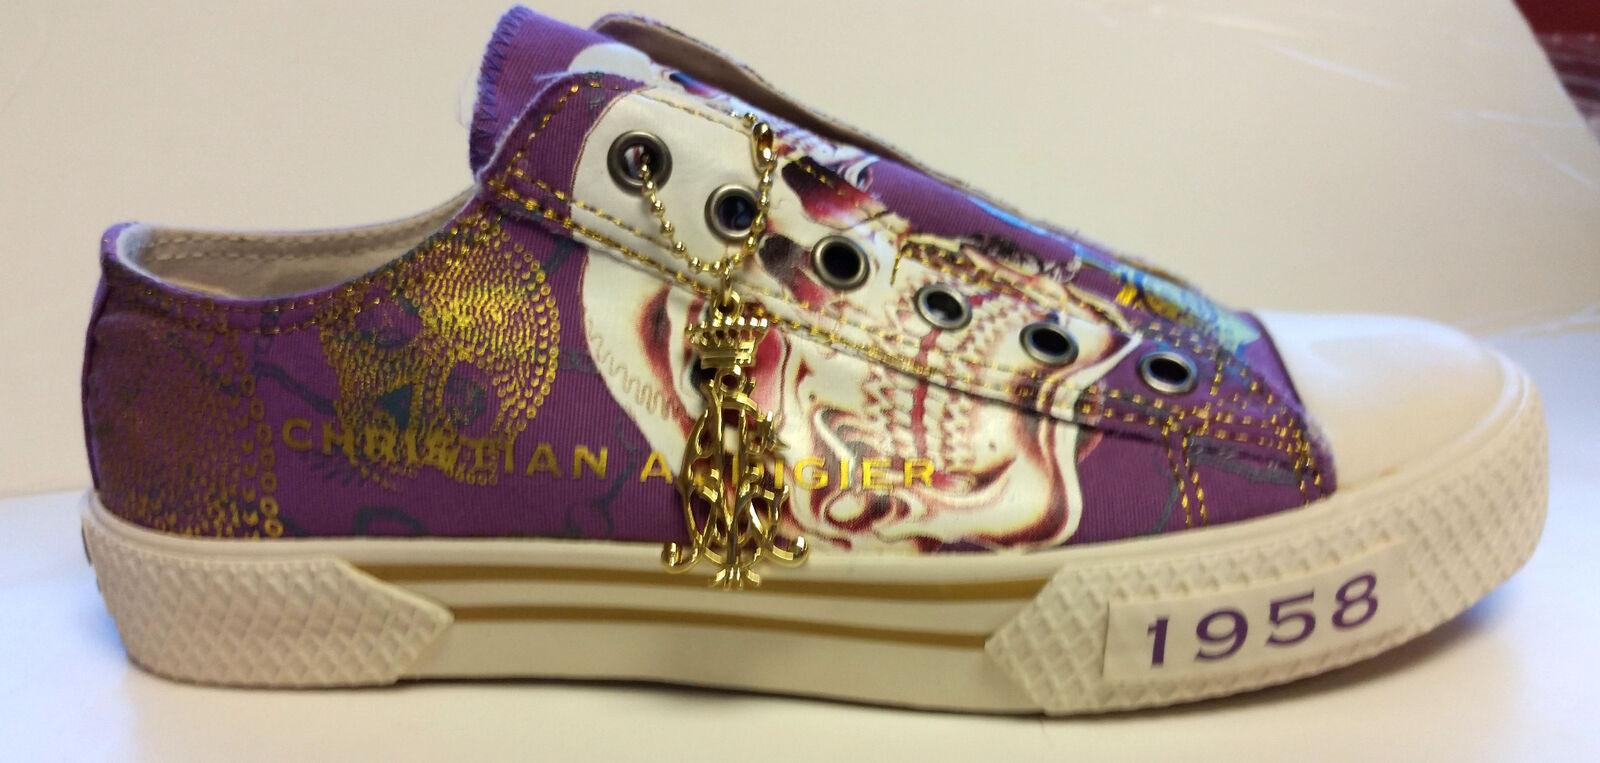 Wouomo Christian Audigier ED Hardy viola oro Slip on scarpe   negozio di sconto